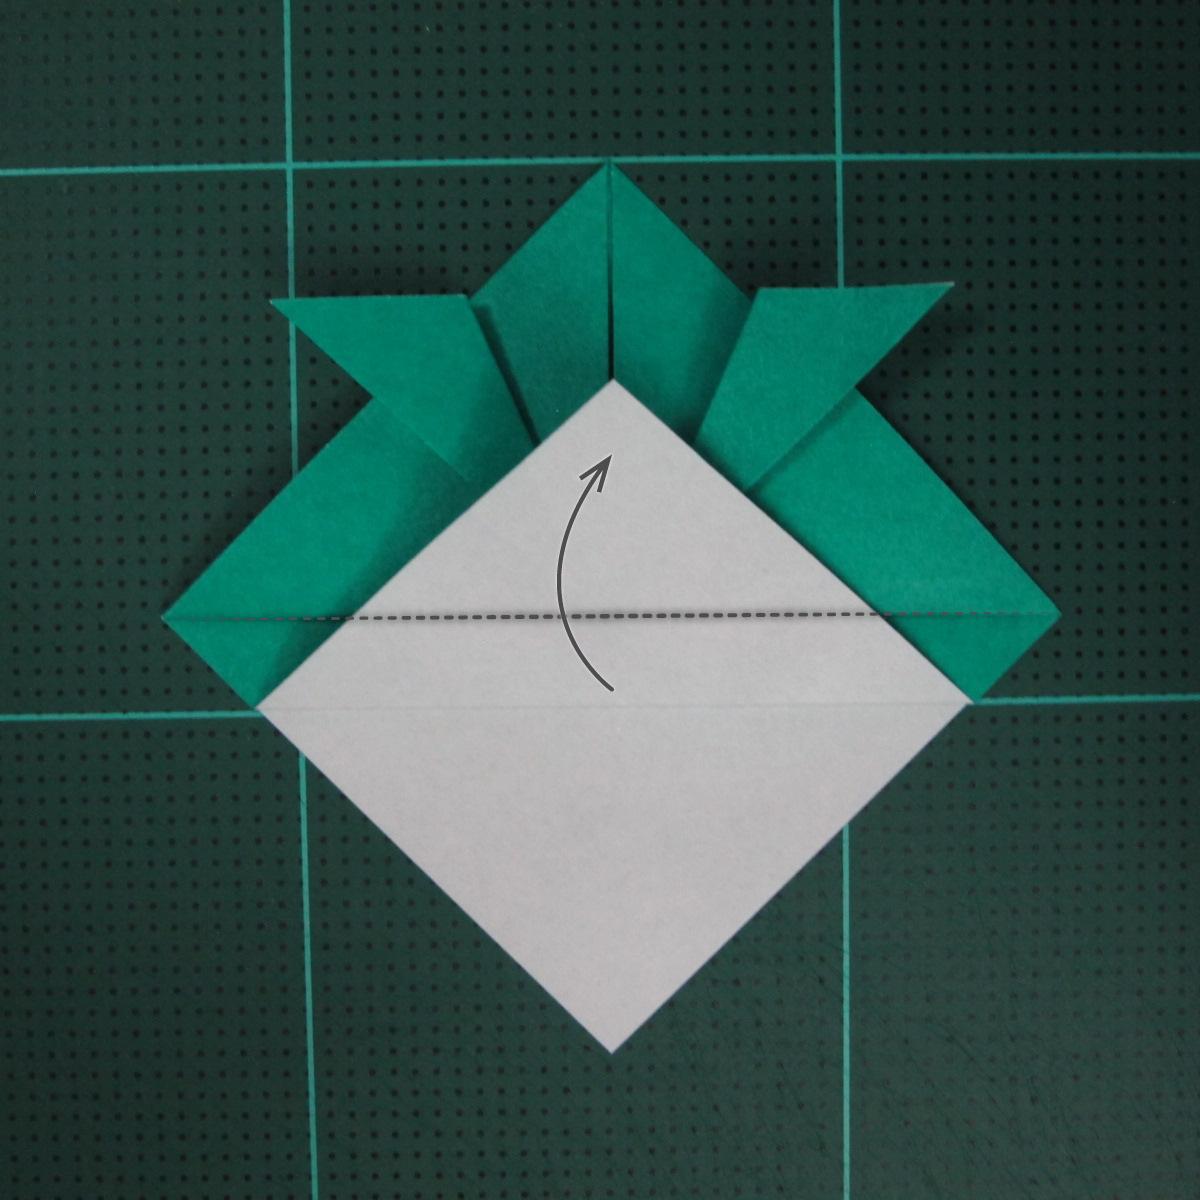 วิธีพับกระดาษเป็นรูปหมวกซามุไร (Origami Samurai Hat) 007